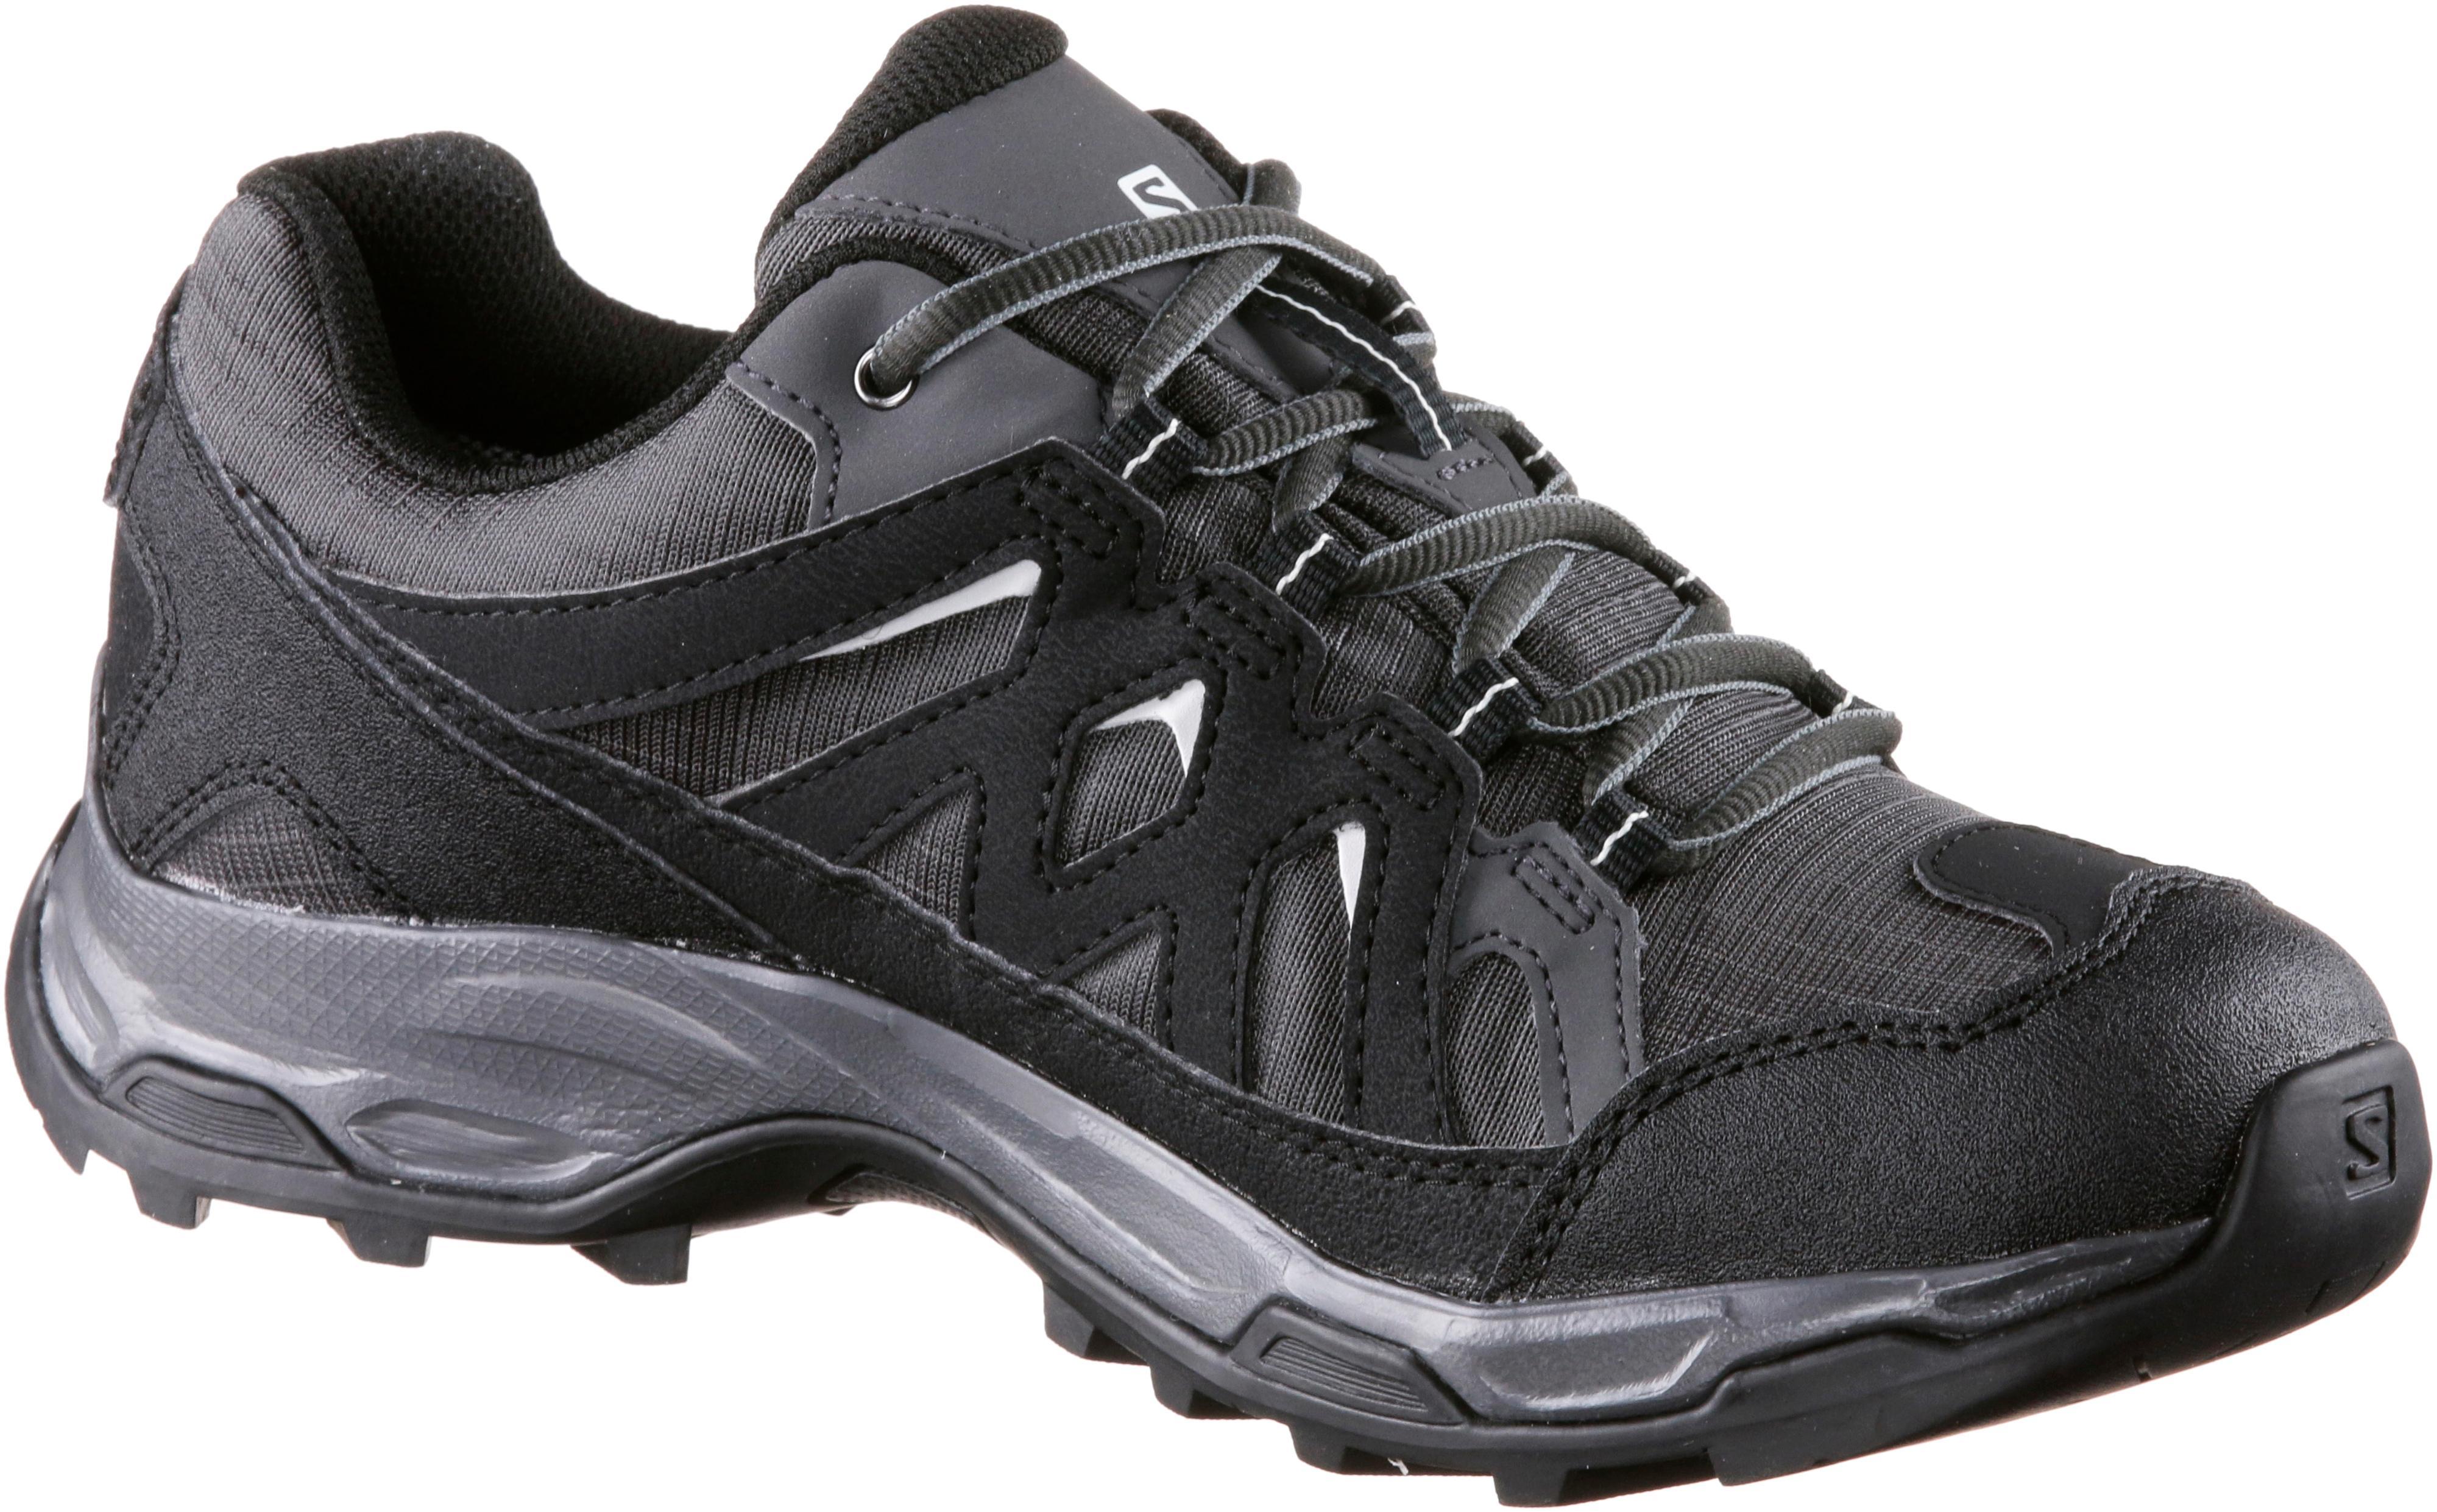 Salomon Effect Damen GTX Wanderschuhe Damen Effect schwarz im Online Shop von SportScheck kaufen Gute Qualität beliebte Schuhe 1b7ebd